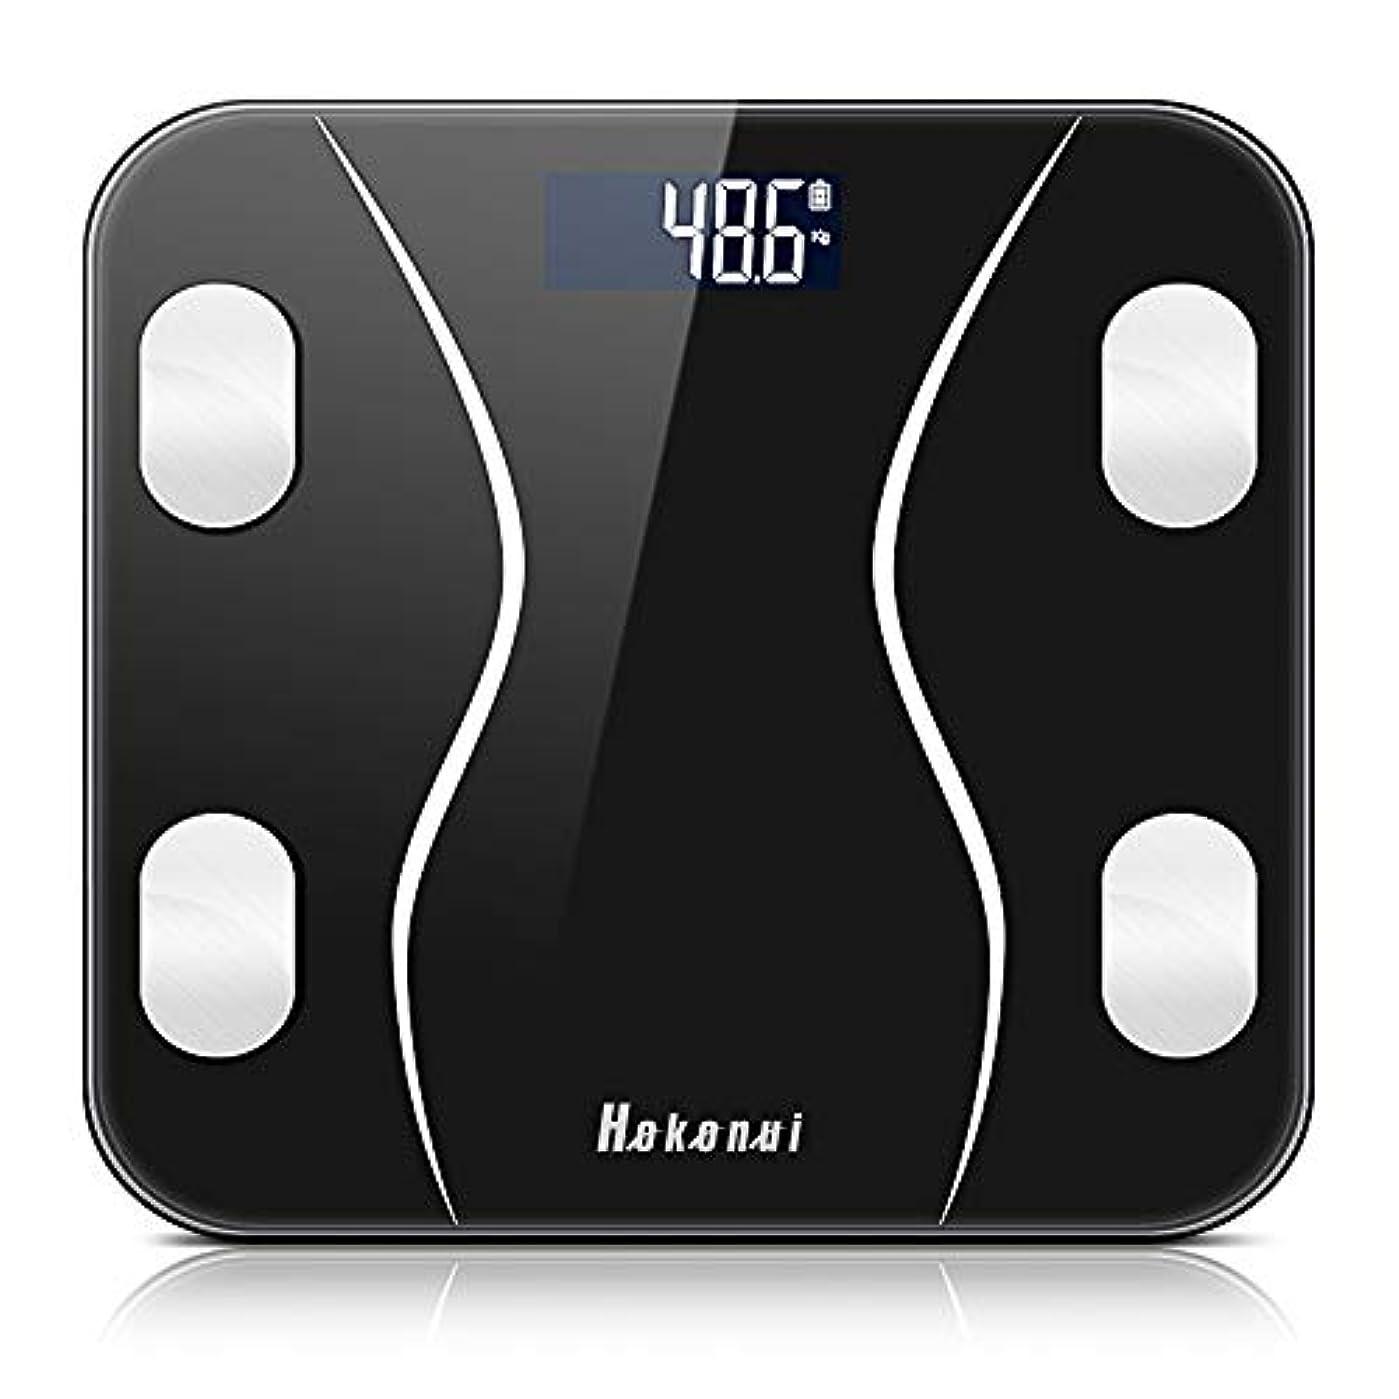 細い精査する書く体重計 体組成計 体脂肪計 Bluetooth LCDデジタル表示 強化ガラス 高精度センサー スマートスケール 体重/体脂肪率/BMI/BMR/体内水分/骨量/骨格筋など測定 健康管理 最大180KGまで測り Kungix